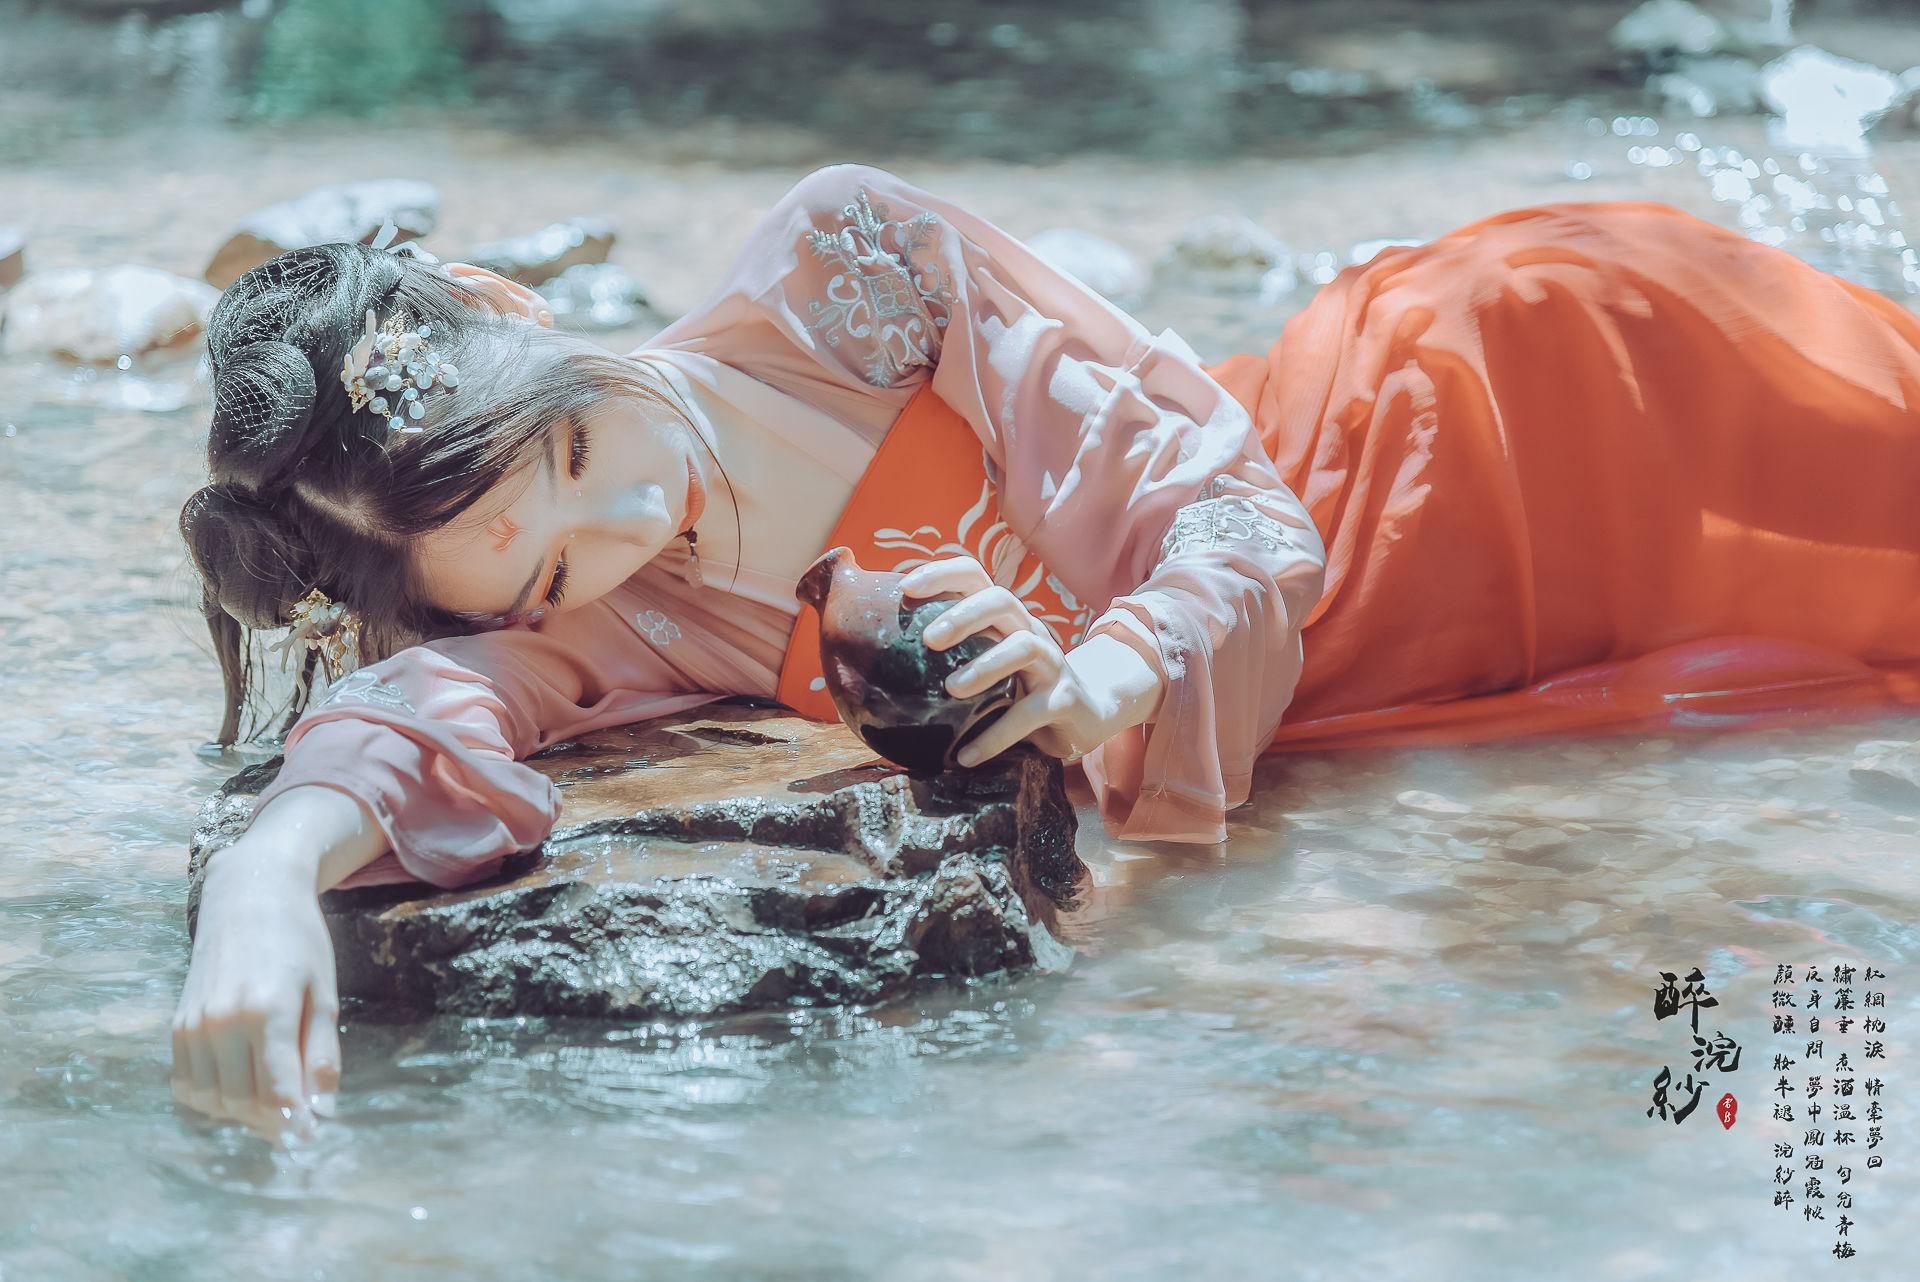 2018-08-04 杭州九溪旅拍_攝影師Sly的返片